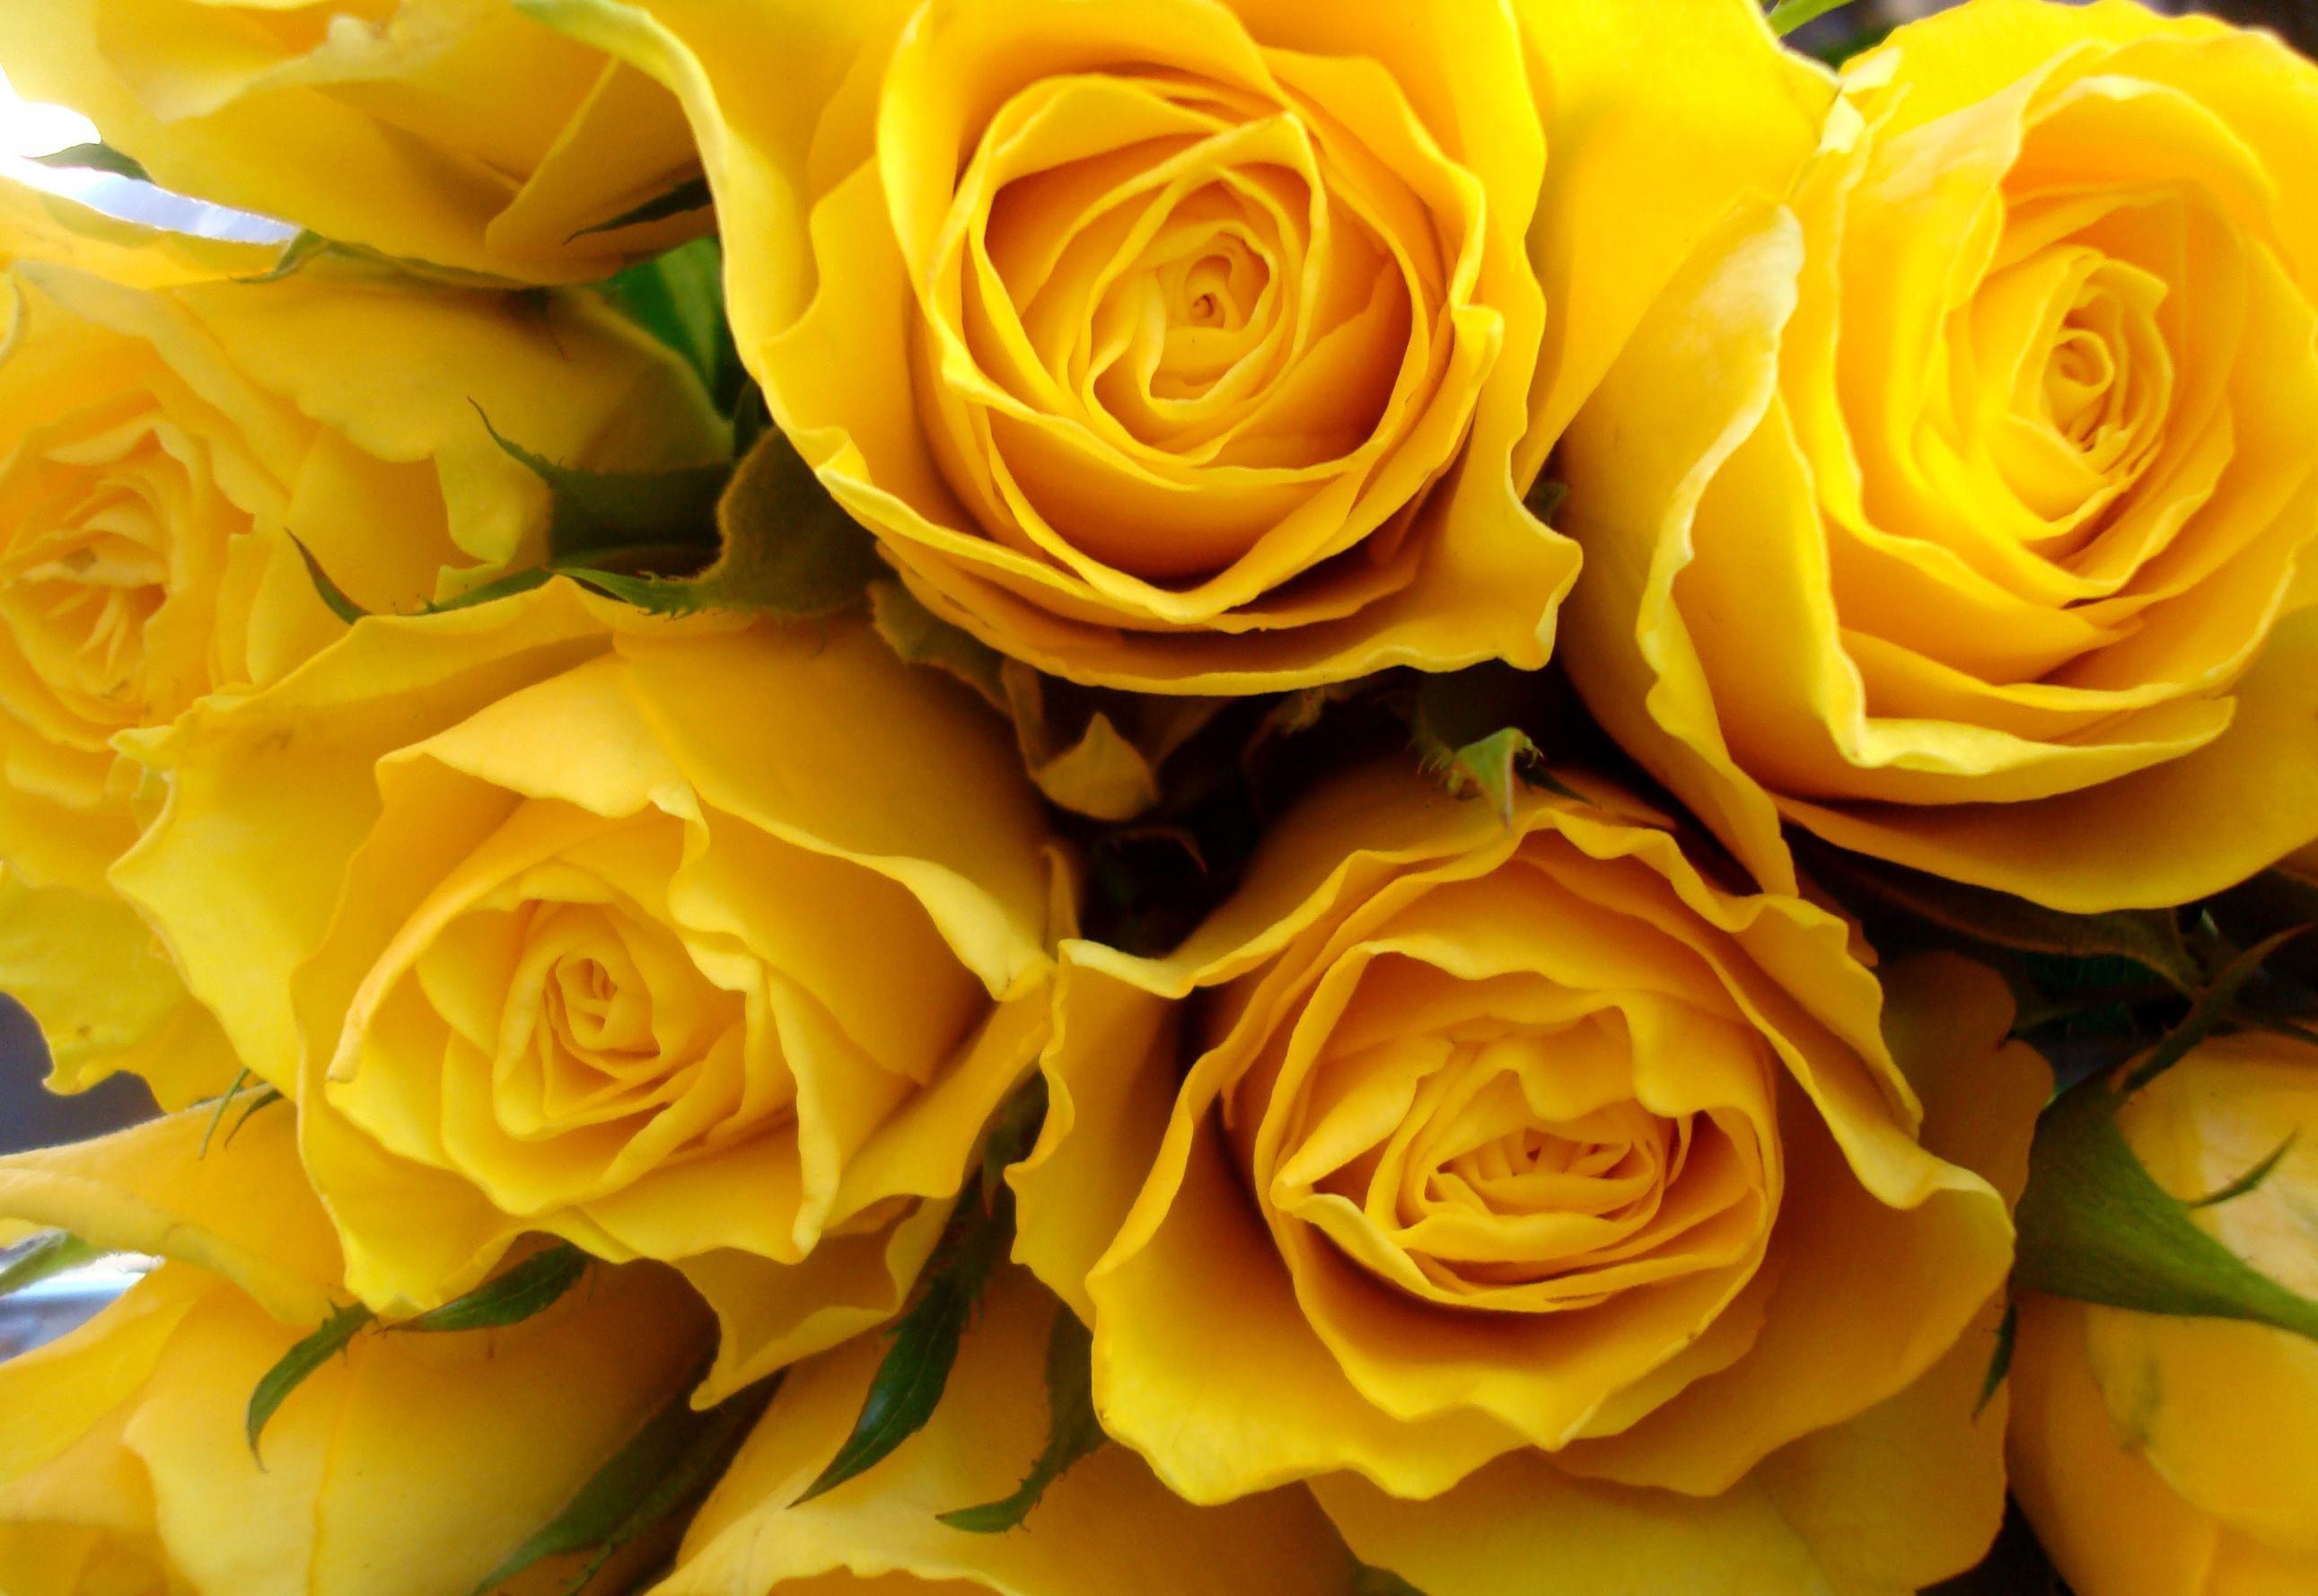 Yellow Rose Desktop Wallpaper